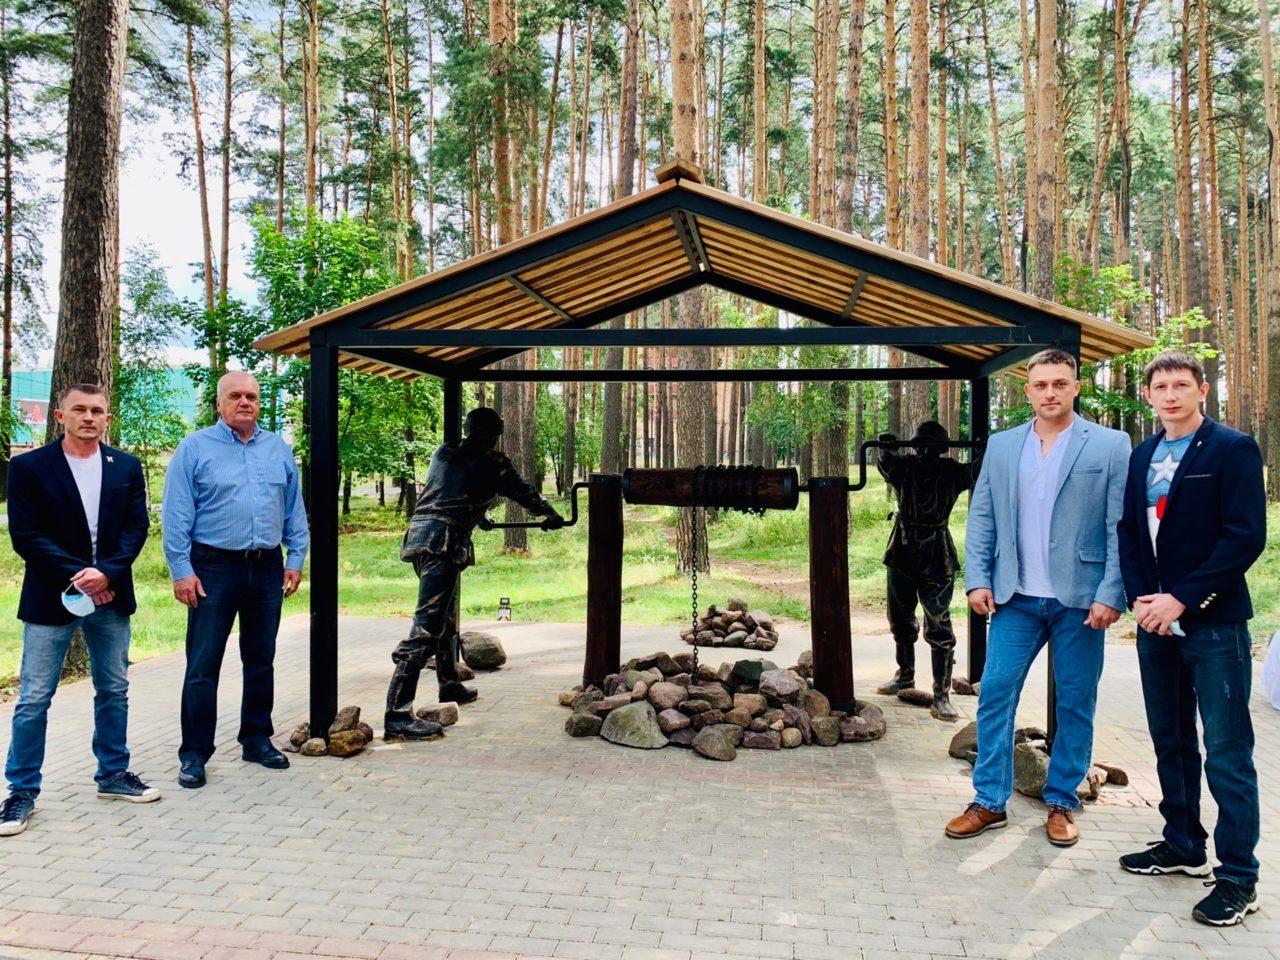 Ко Дню города и Дню металлурга в посадке установили полноразмерную скульптуру